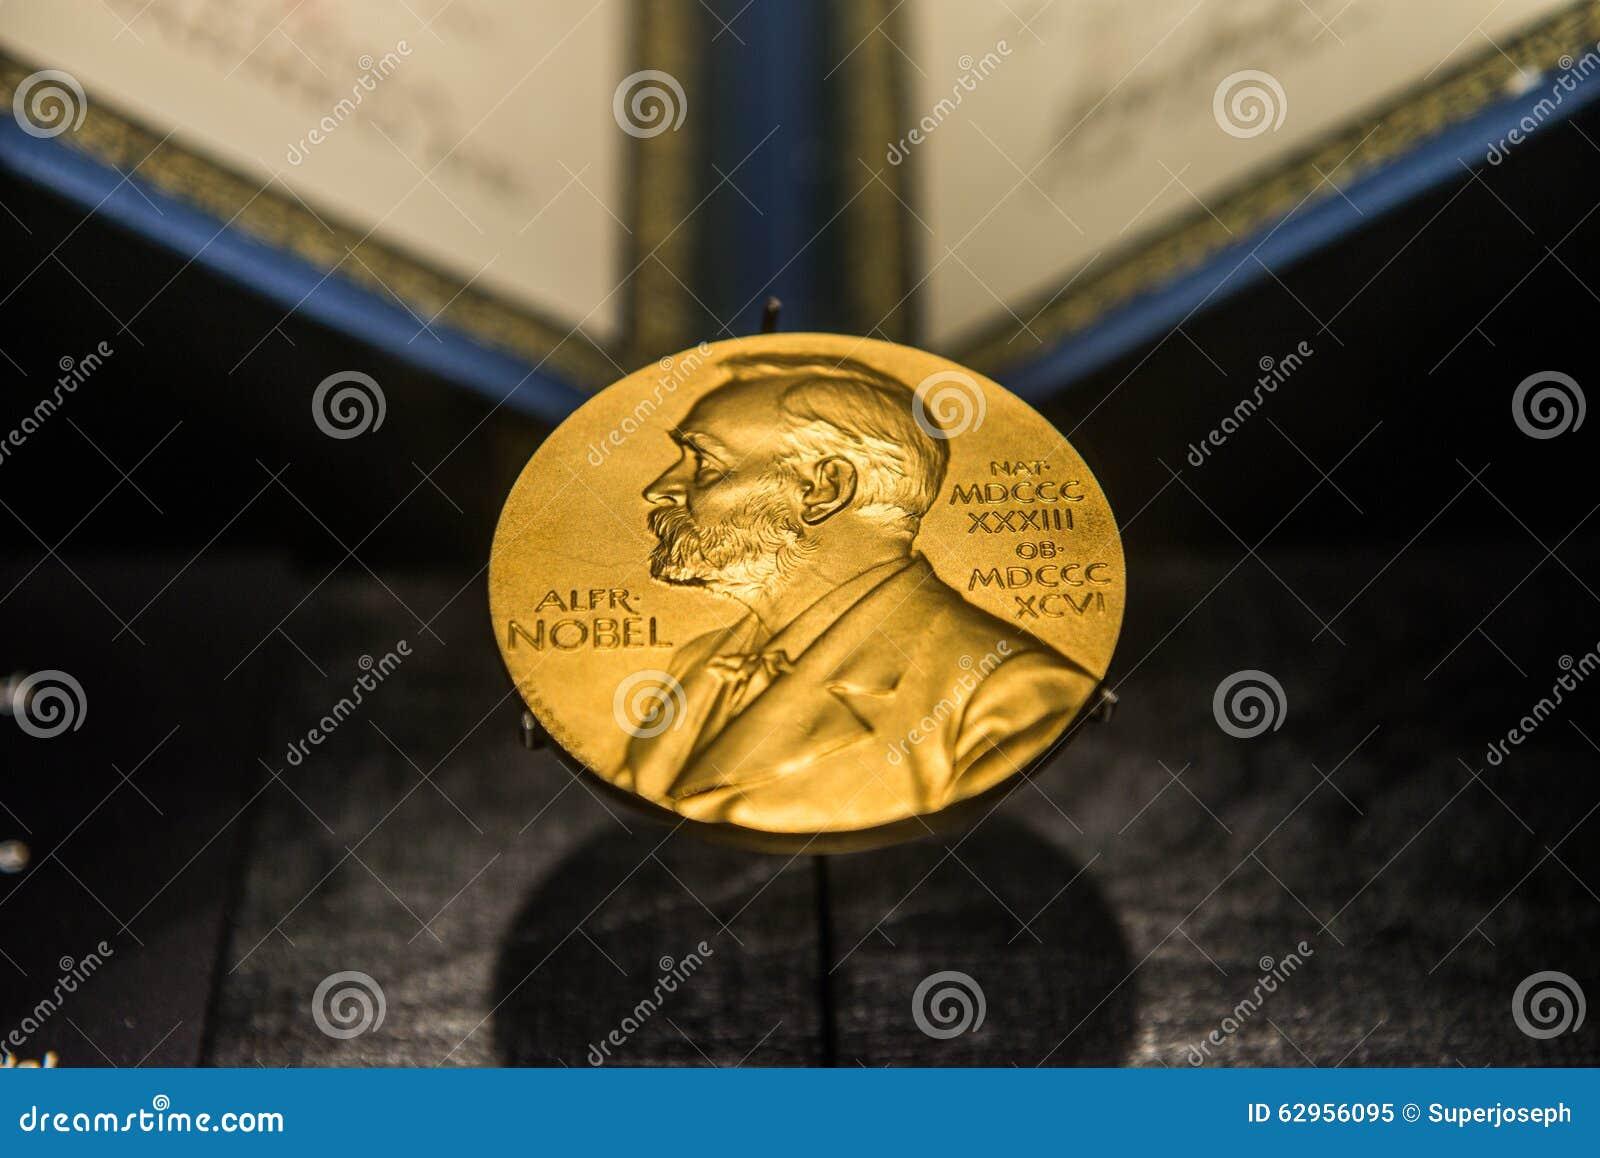 Image d or du prix Nobel